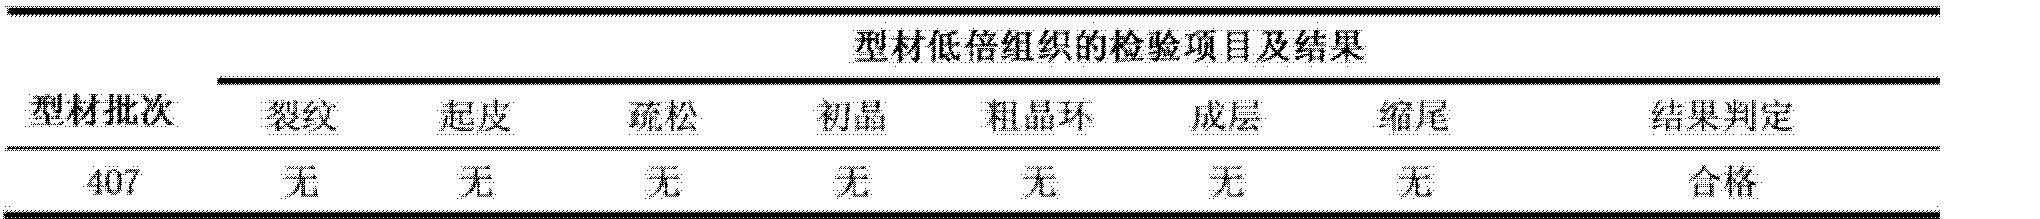 Figure CN102978488BD00092